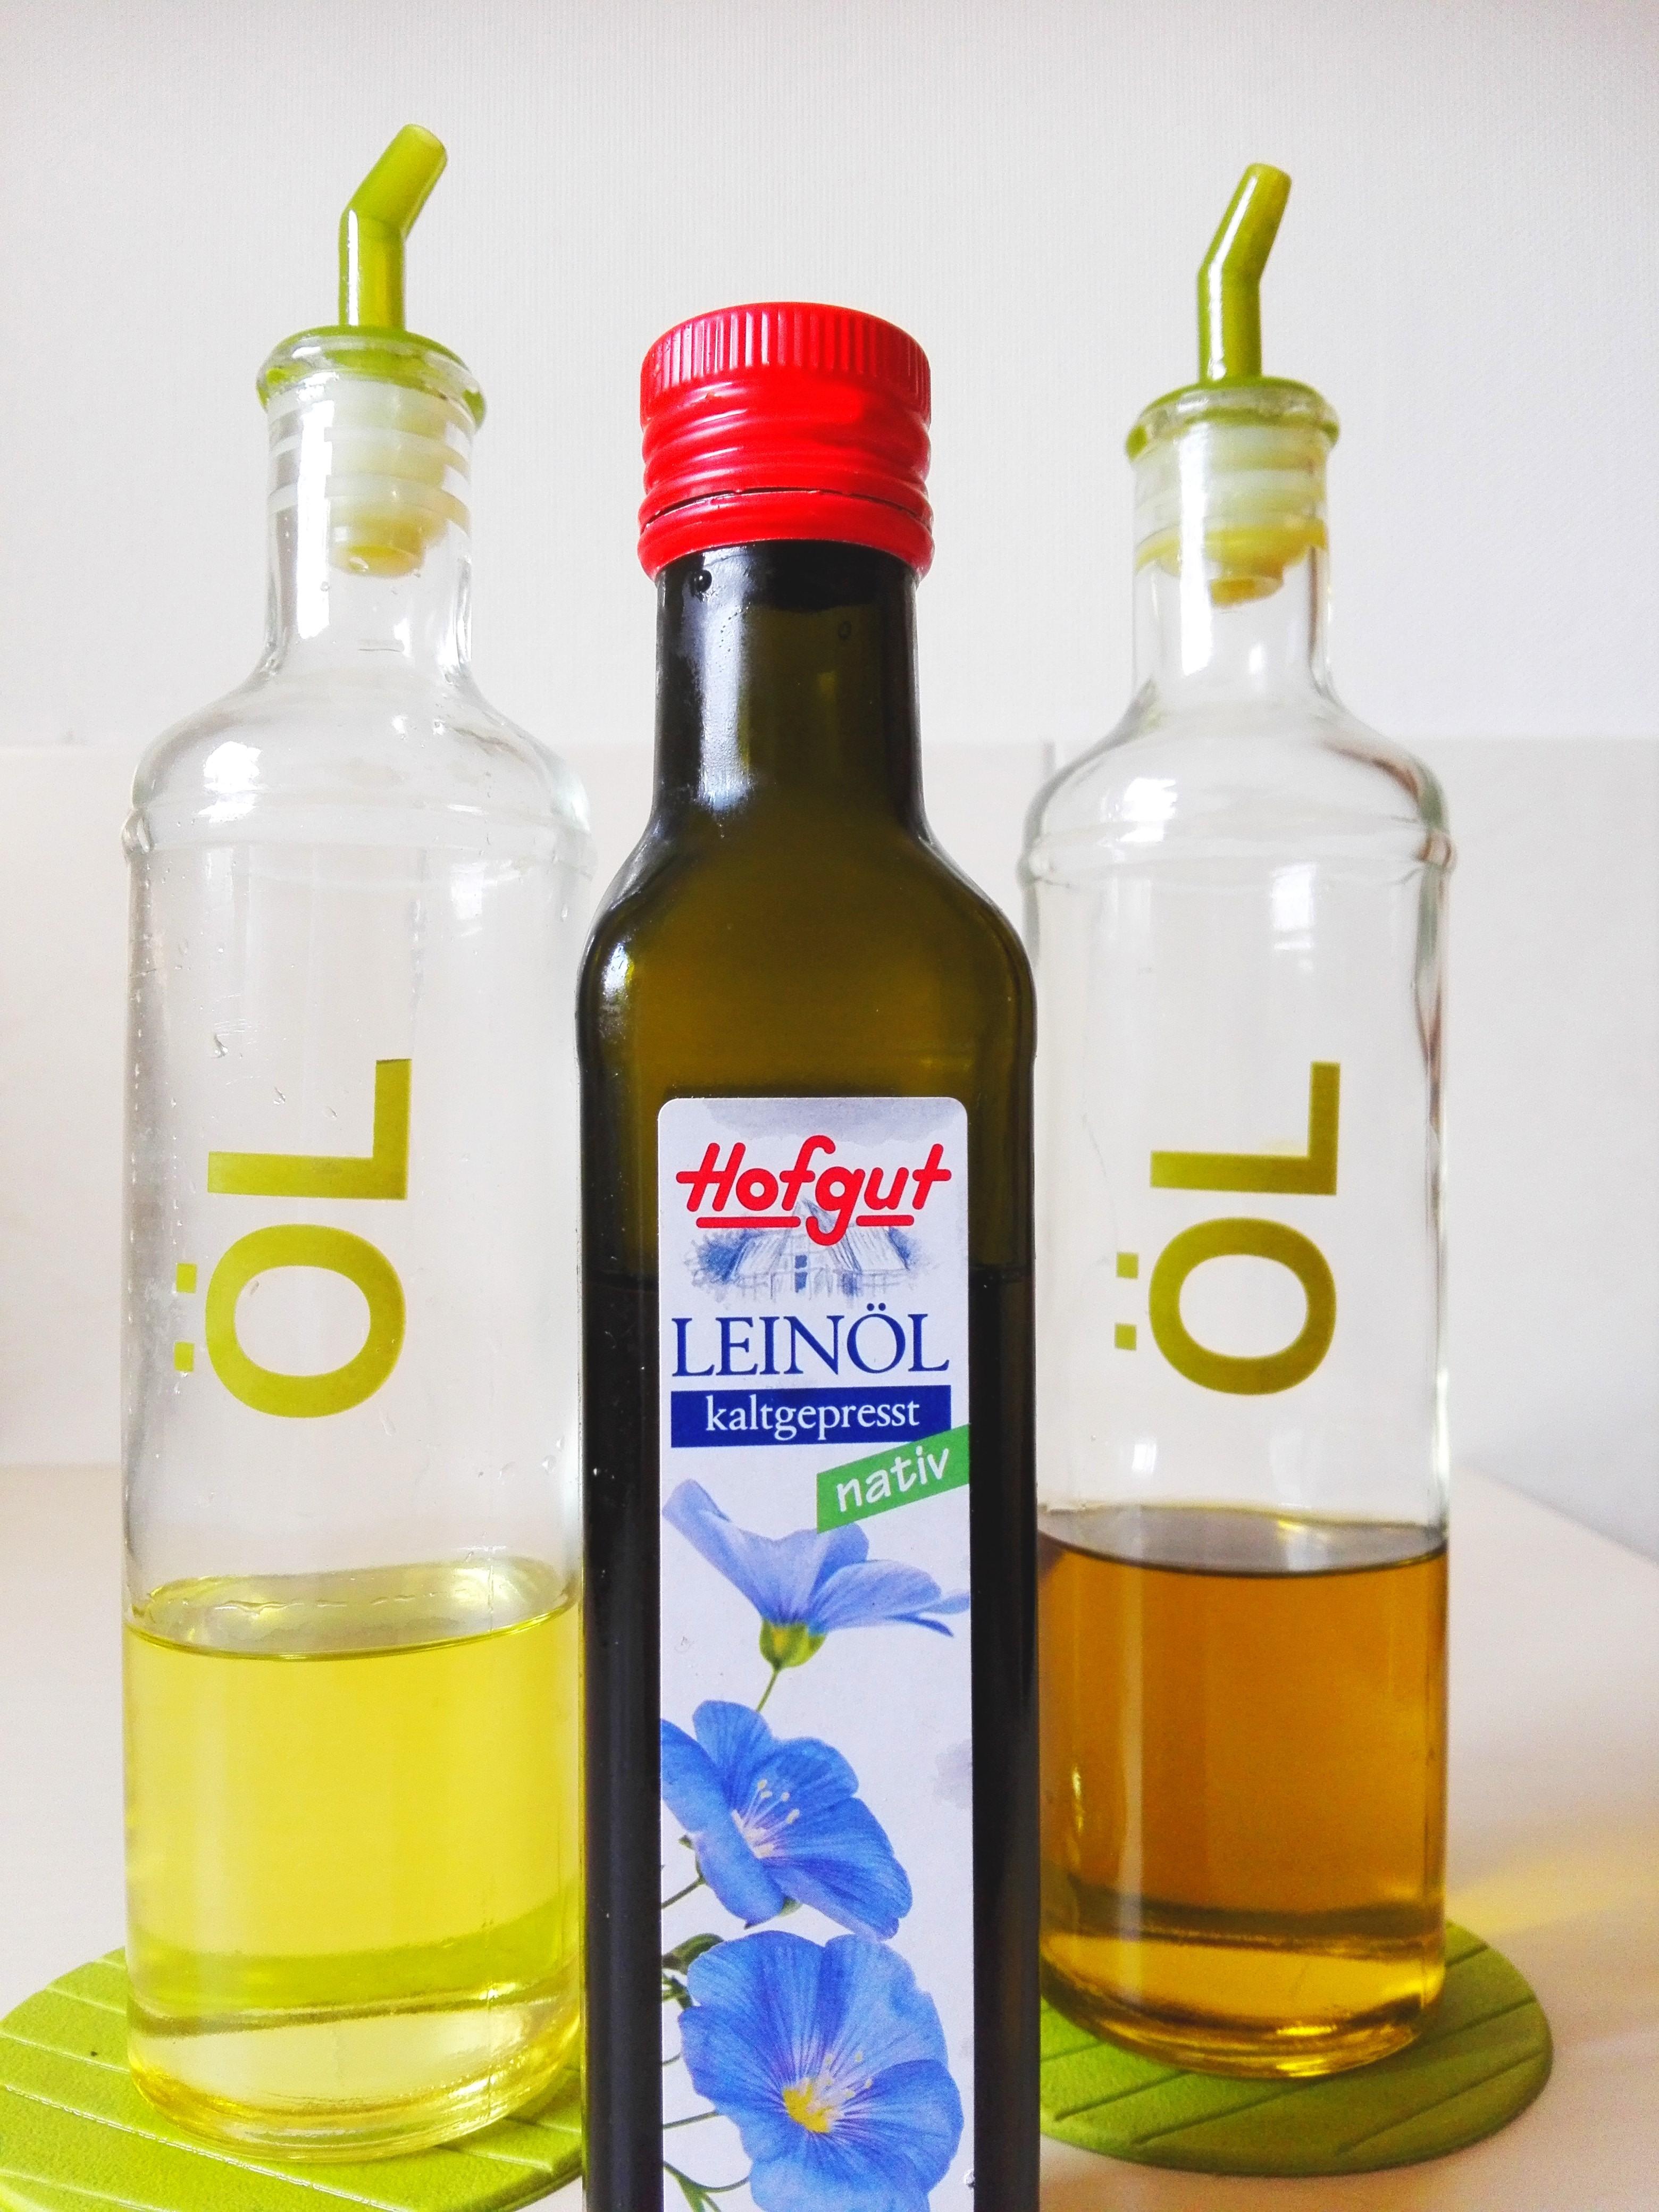 Speiseöle im Vergleich, Öle in einer Flasche , rechts: Sonnenblumenöl, links: Rapsöl, Mitte:Leinöl